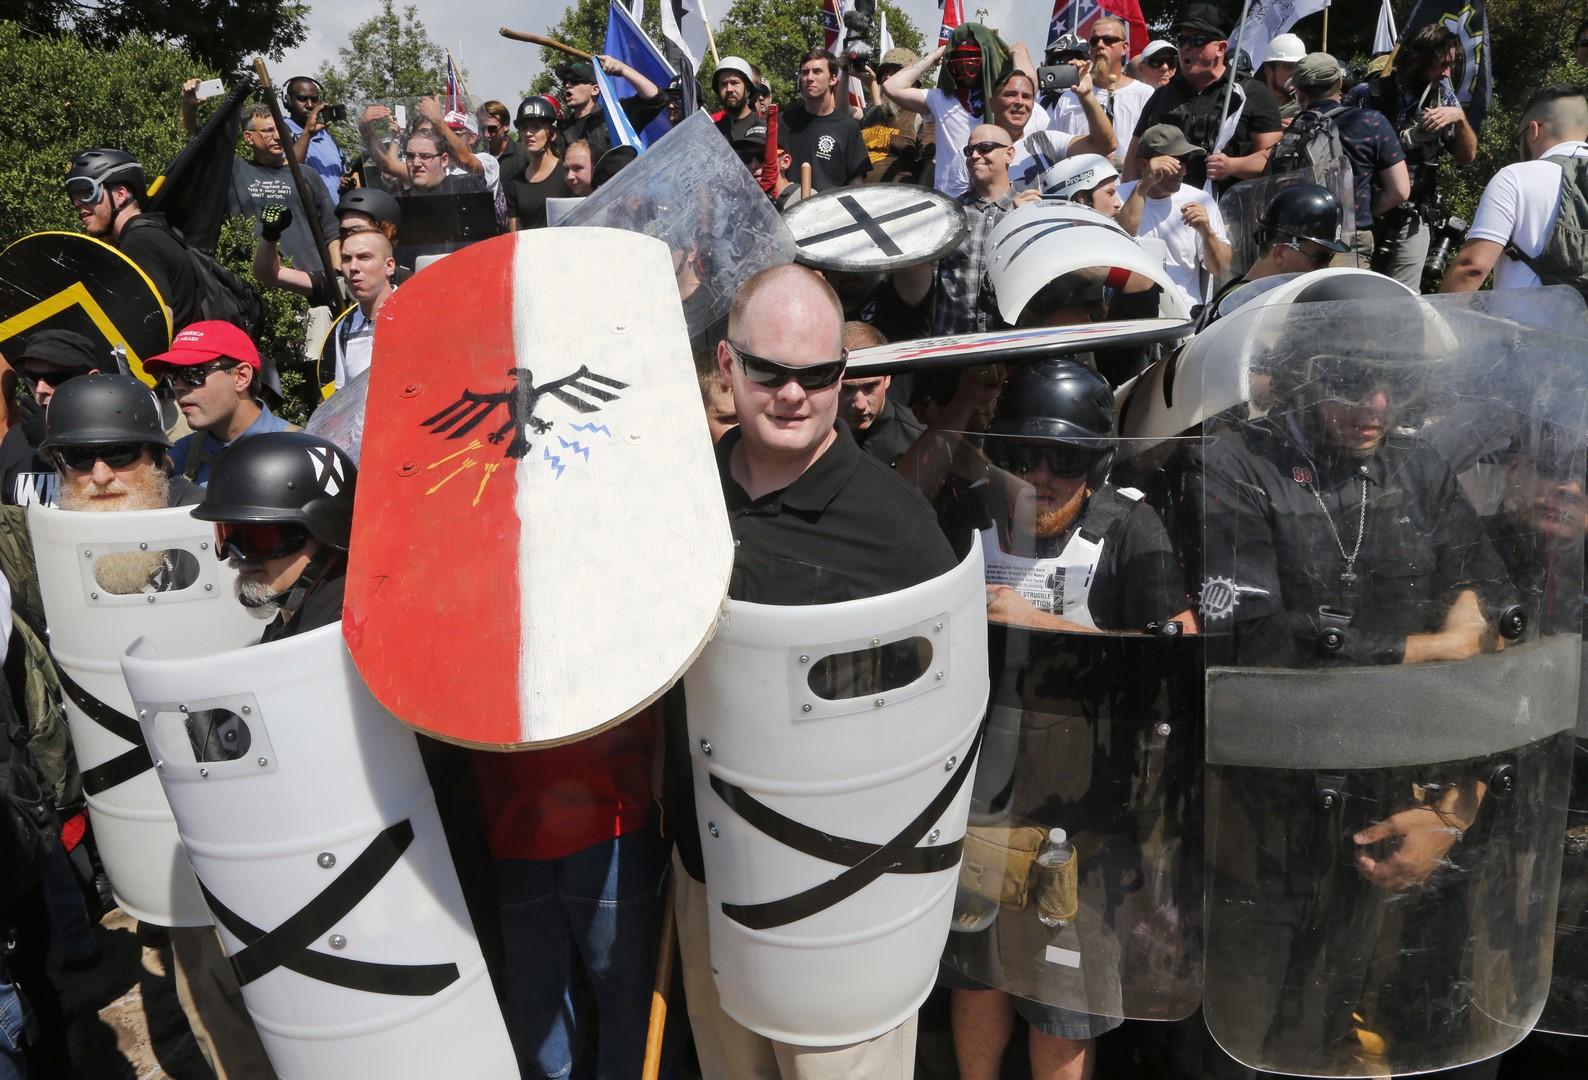 Trump culpa a neonazis, supremacistas y manifestantes de izquierda por la violencia en Charlottesville